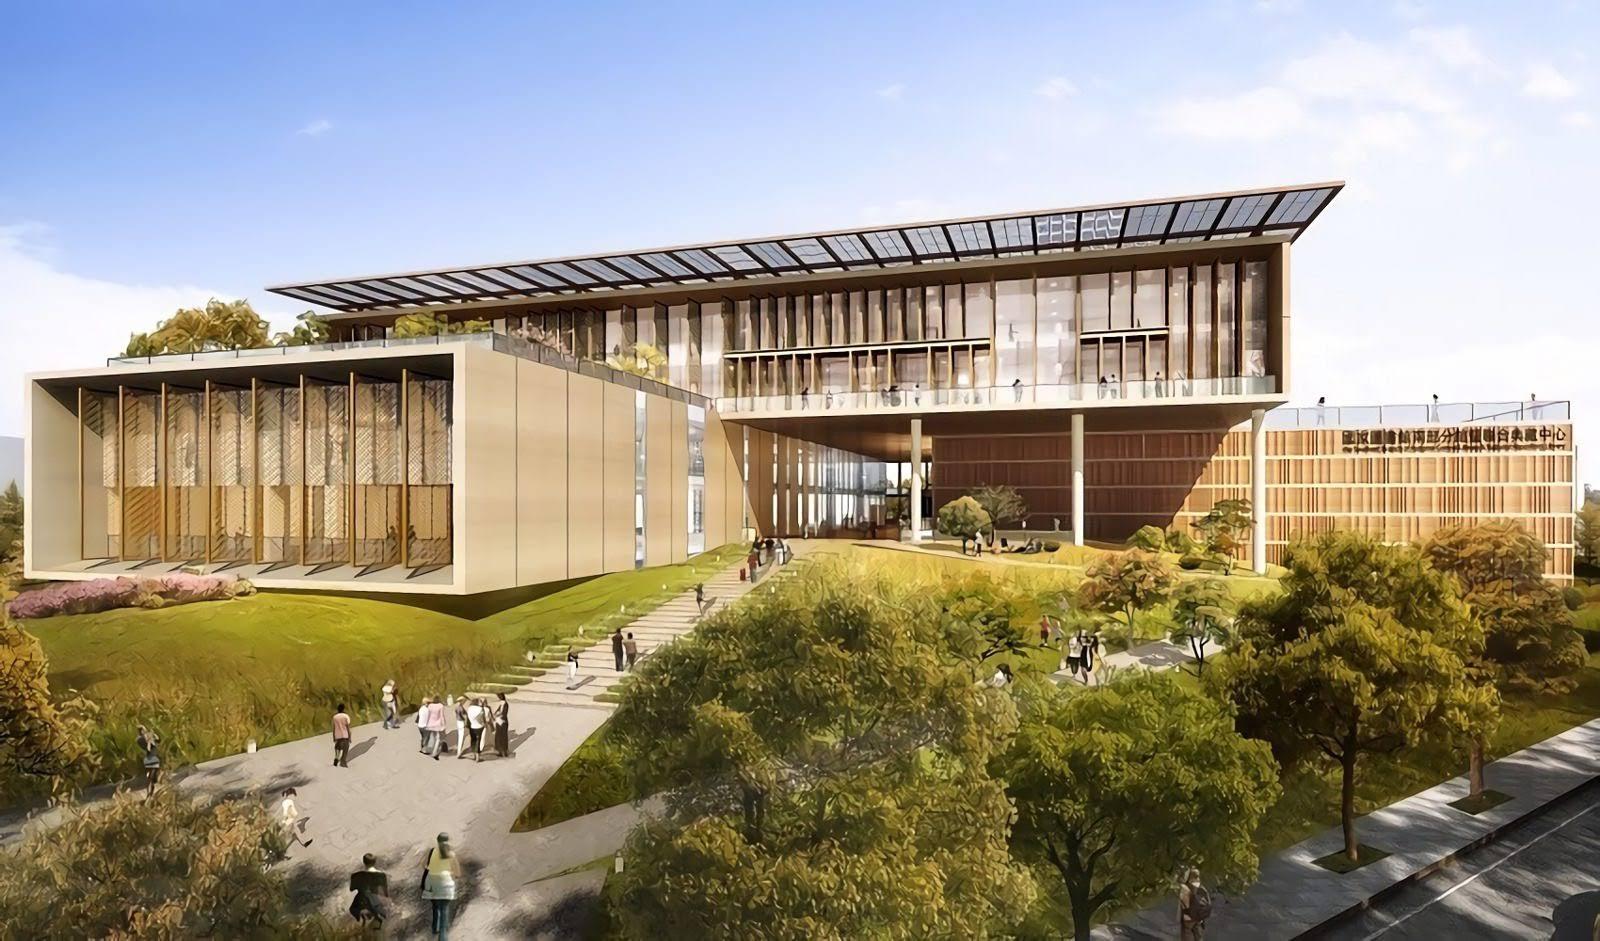 挑戰2021打卡新熱點!科技與自然並進|植披高達九成的AI未來概念圖書館開工